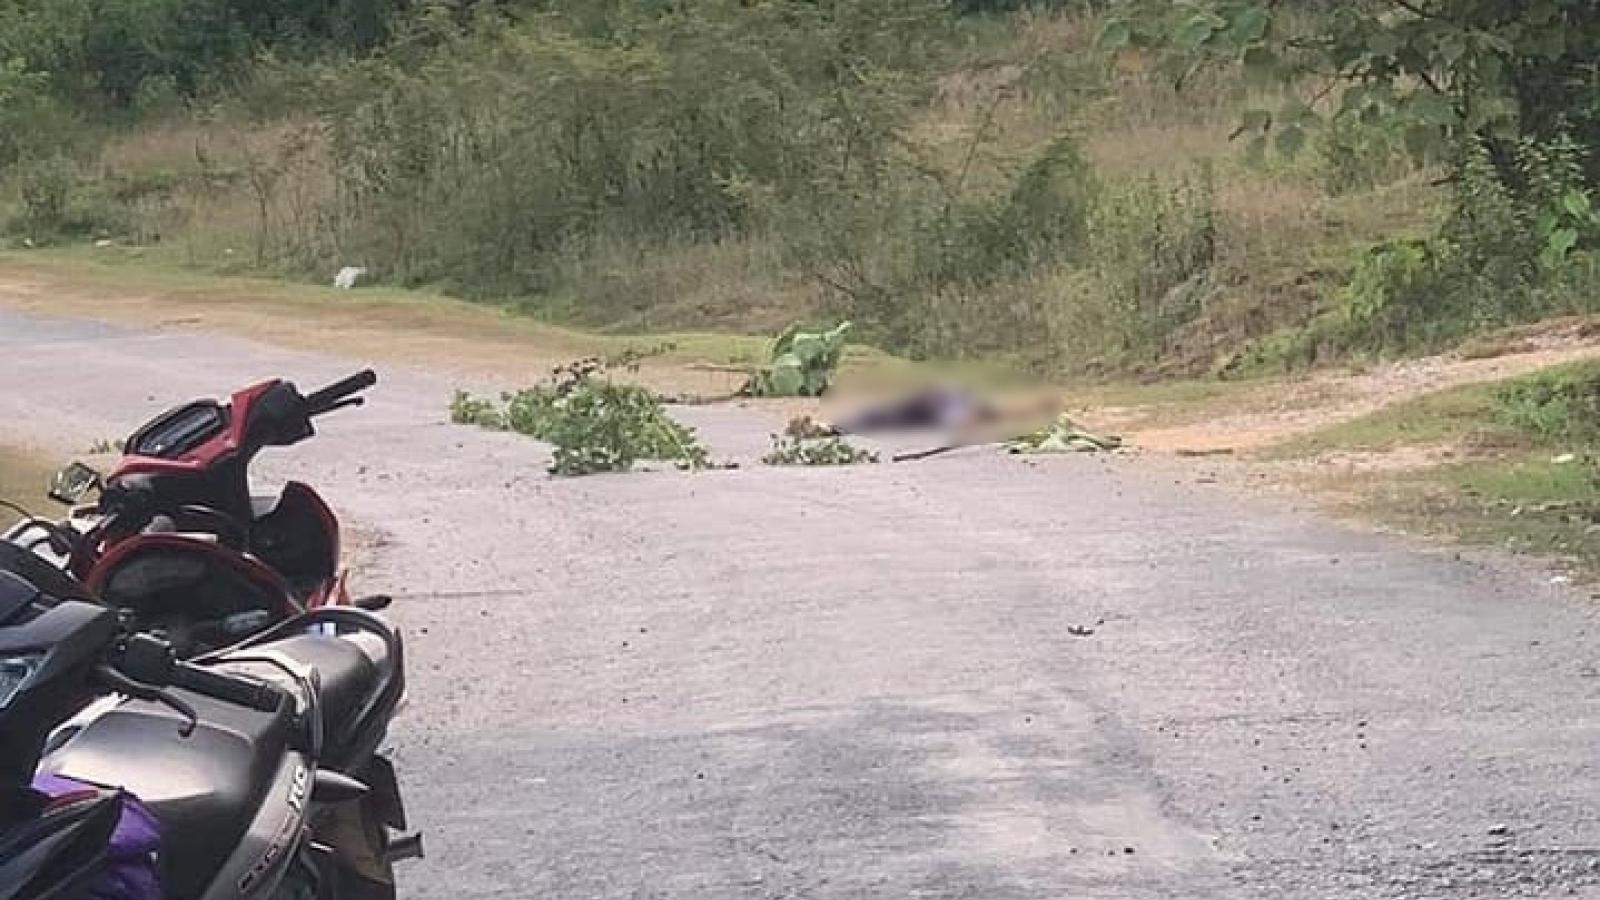 Truy tìm đối tượng nghi vấn liên quan đến vụ sát hại nam tài xế taxi